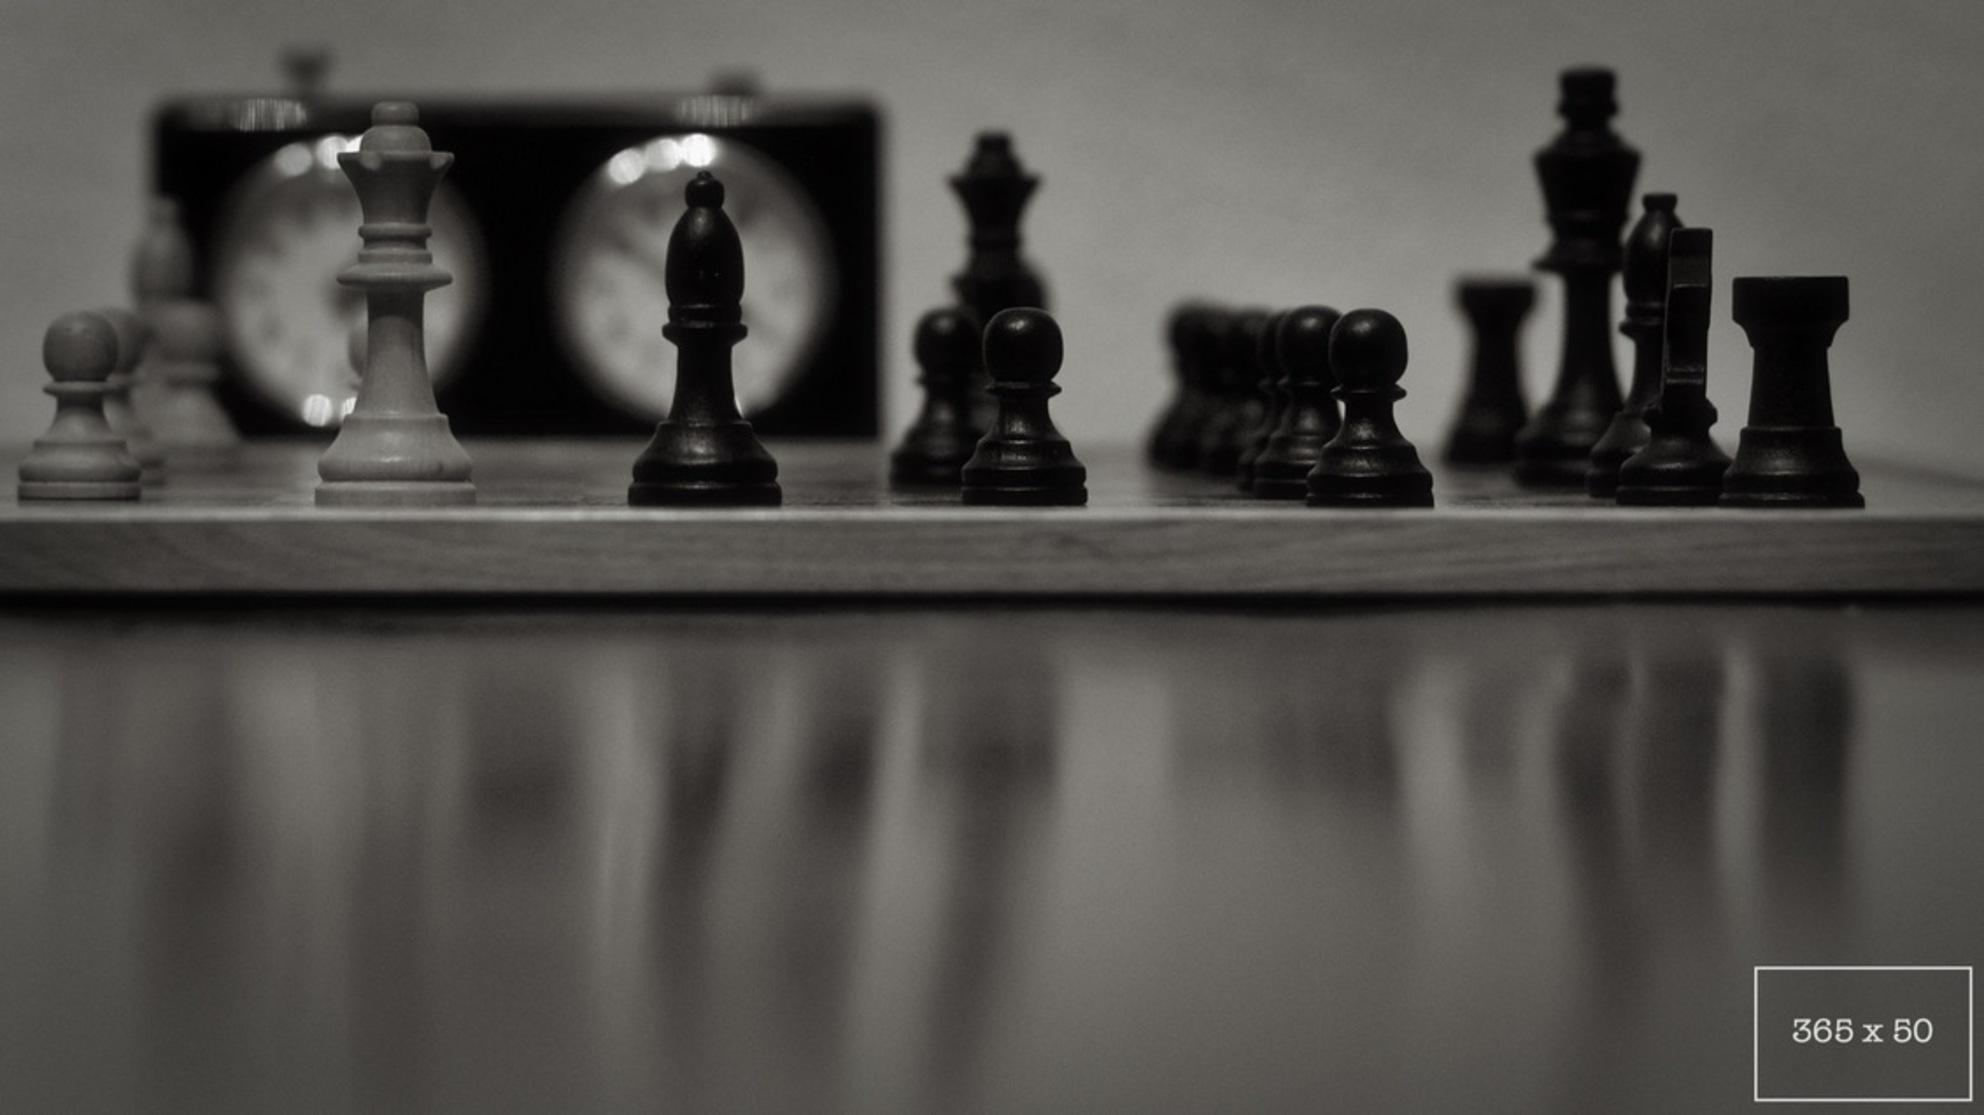 Checkmate - Nummer 16 in het project 365x50 - foto door MartijnFincke op 27-02-2015 - deze foto bevat: zwartwit, reflecties, schaak, 50mm, zwart-wit, project365x50 - Deze foto mag gebruikt worden in een Zoom.nl publicatie